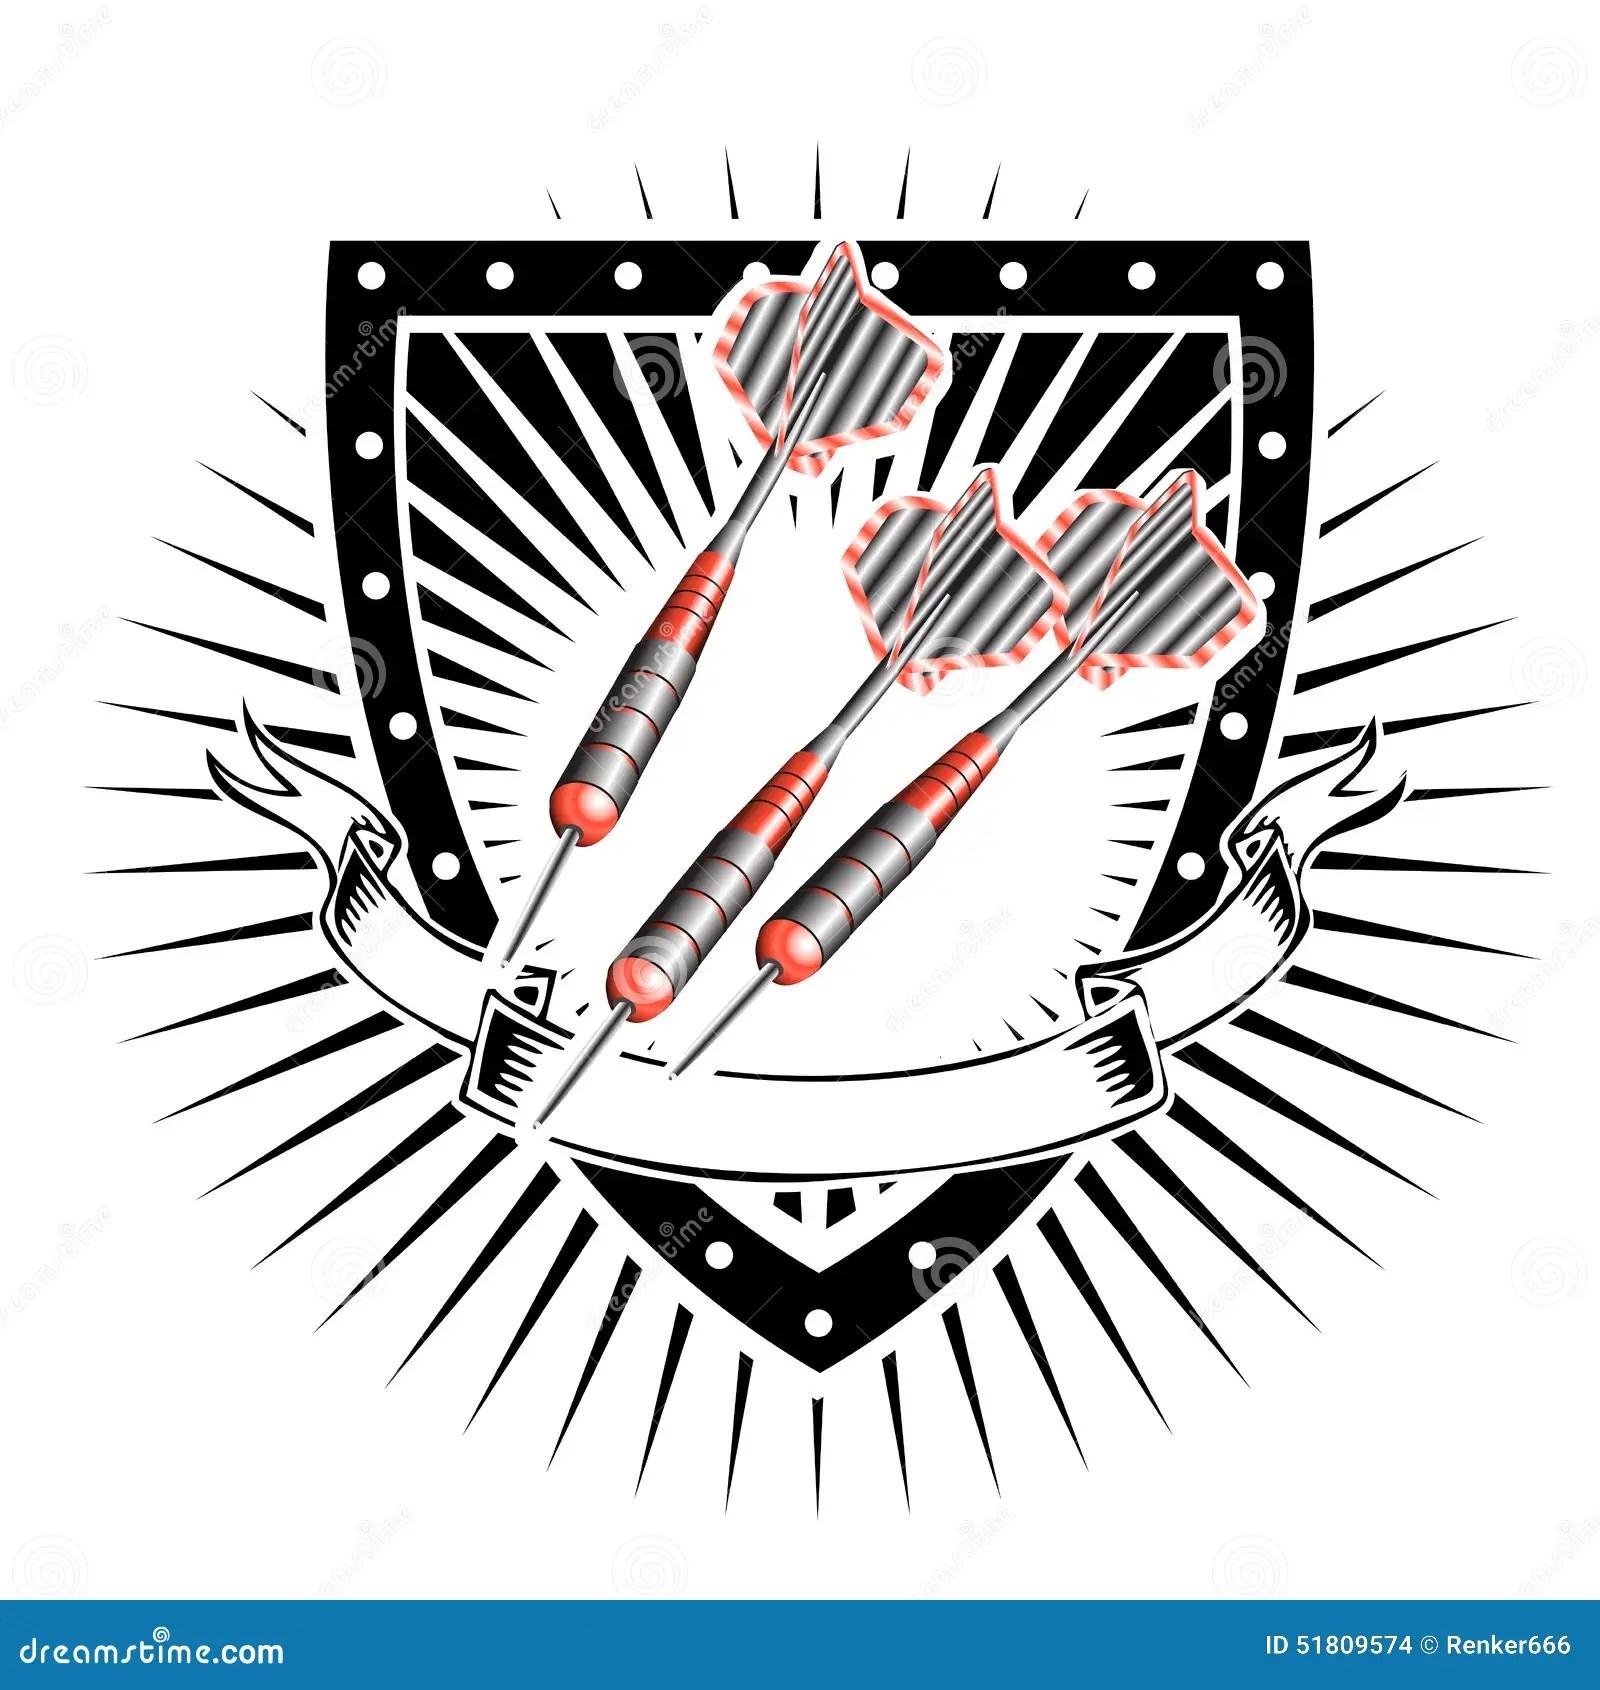 Darts shield stock vector. Illustration of focus